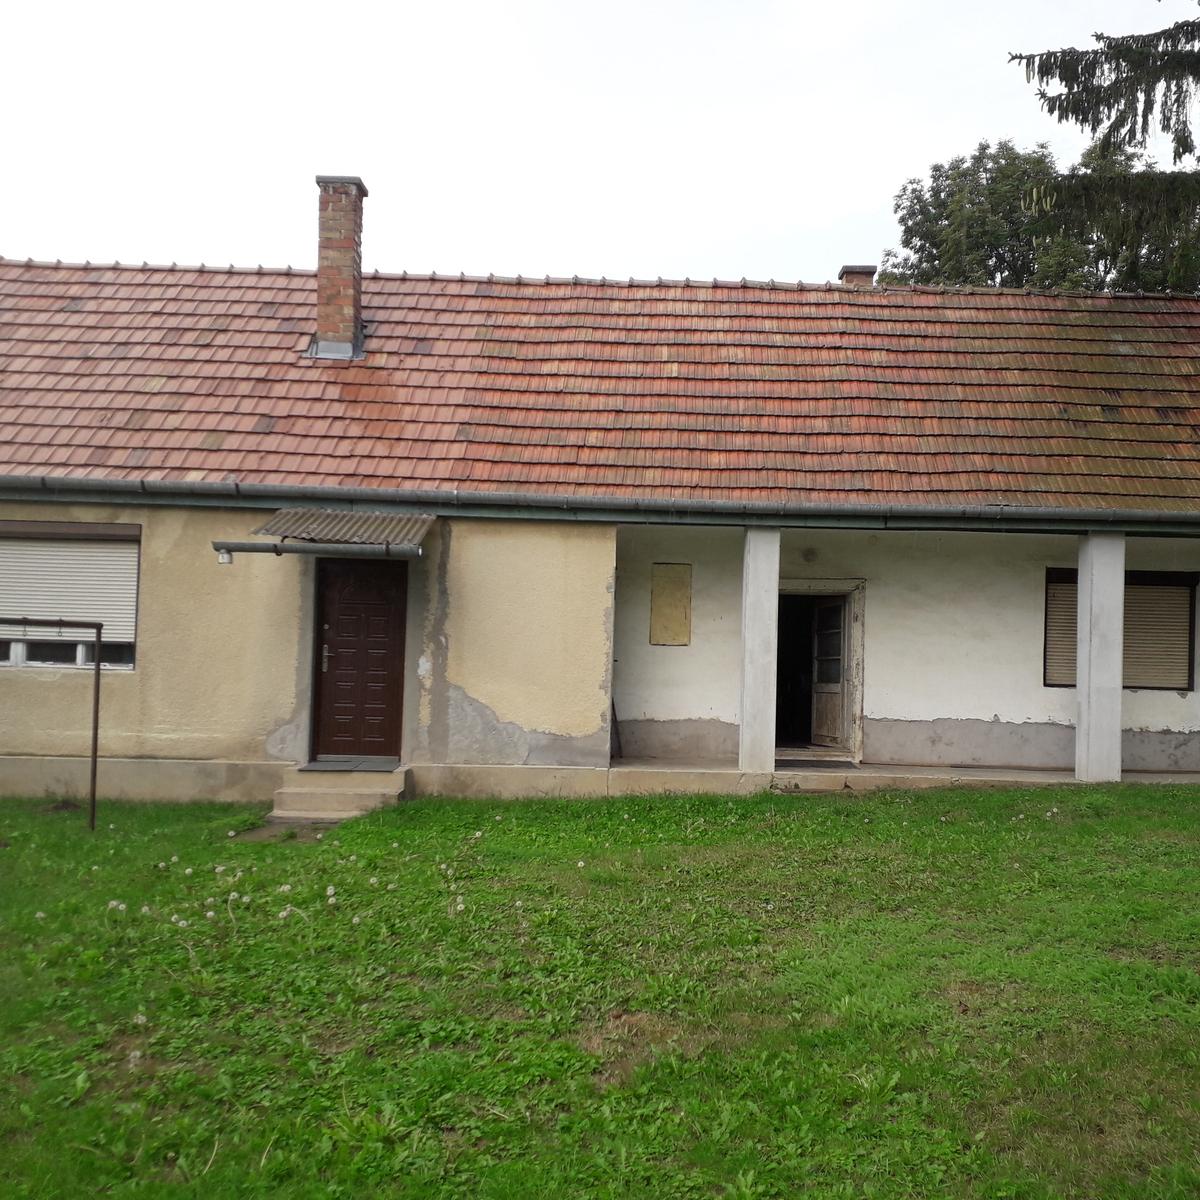 Eladó  családi ház (Pest megye, Tinnye, Zrínyi Miklós utca) 9 M  Ft